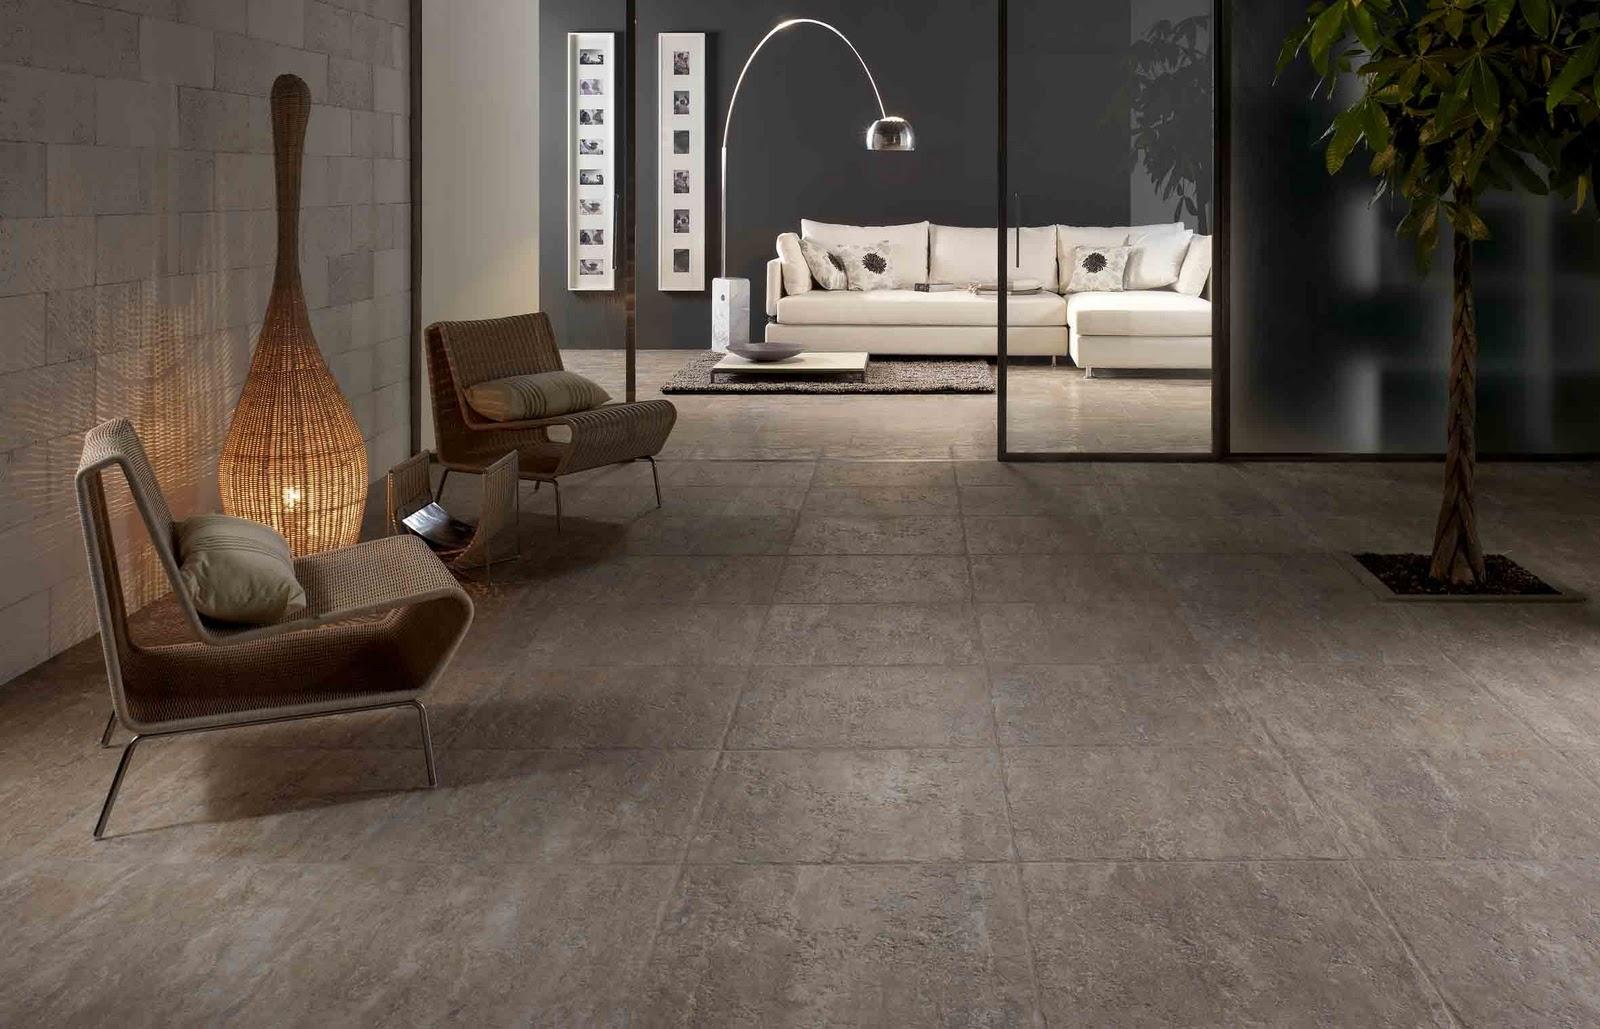 Pavimenti moderni imola ceramica cersaie 2010 for Ceramica de porcelanato